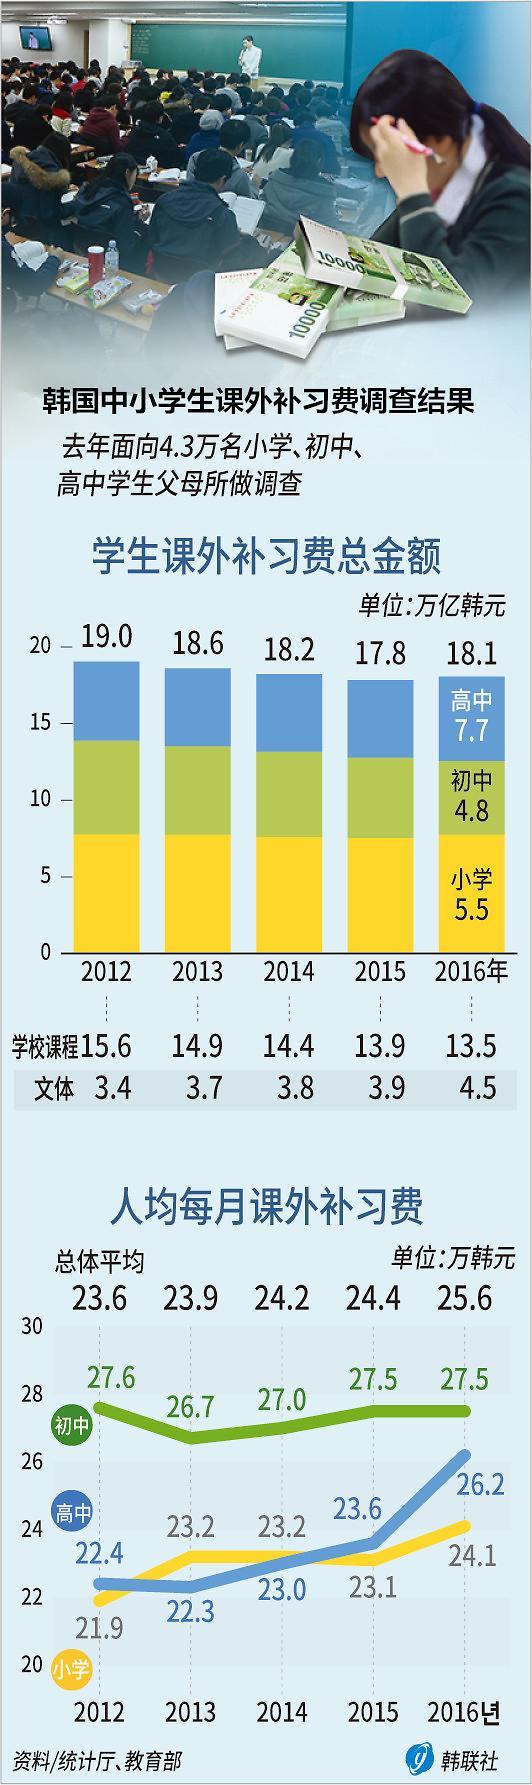 韩国中小学生课外补习费创新高 各收入阶层差距拉大